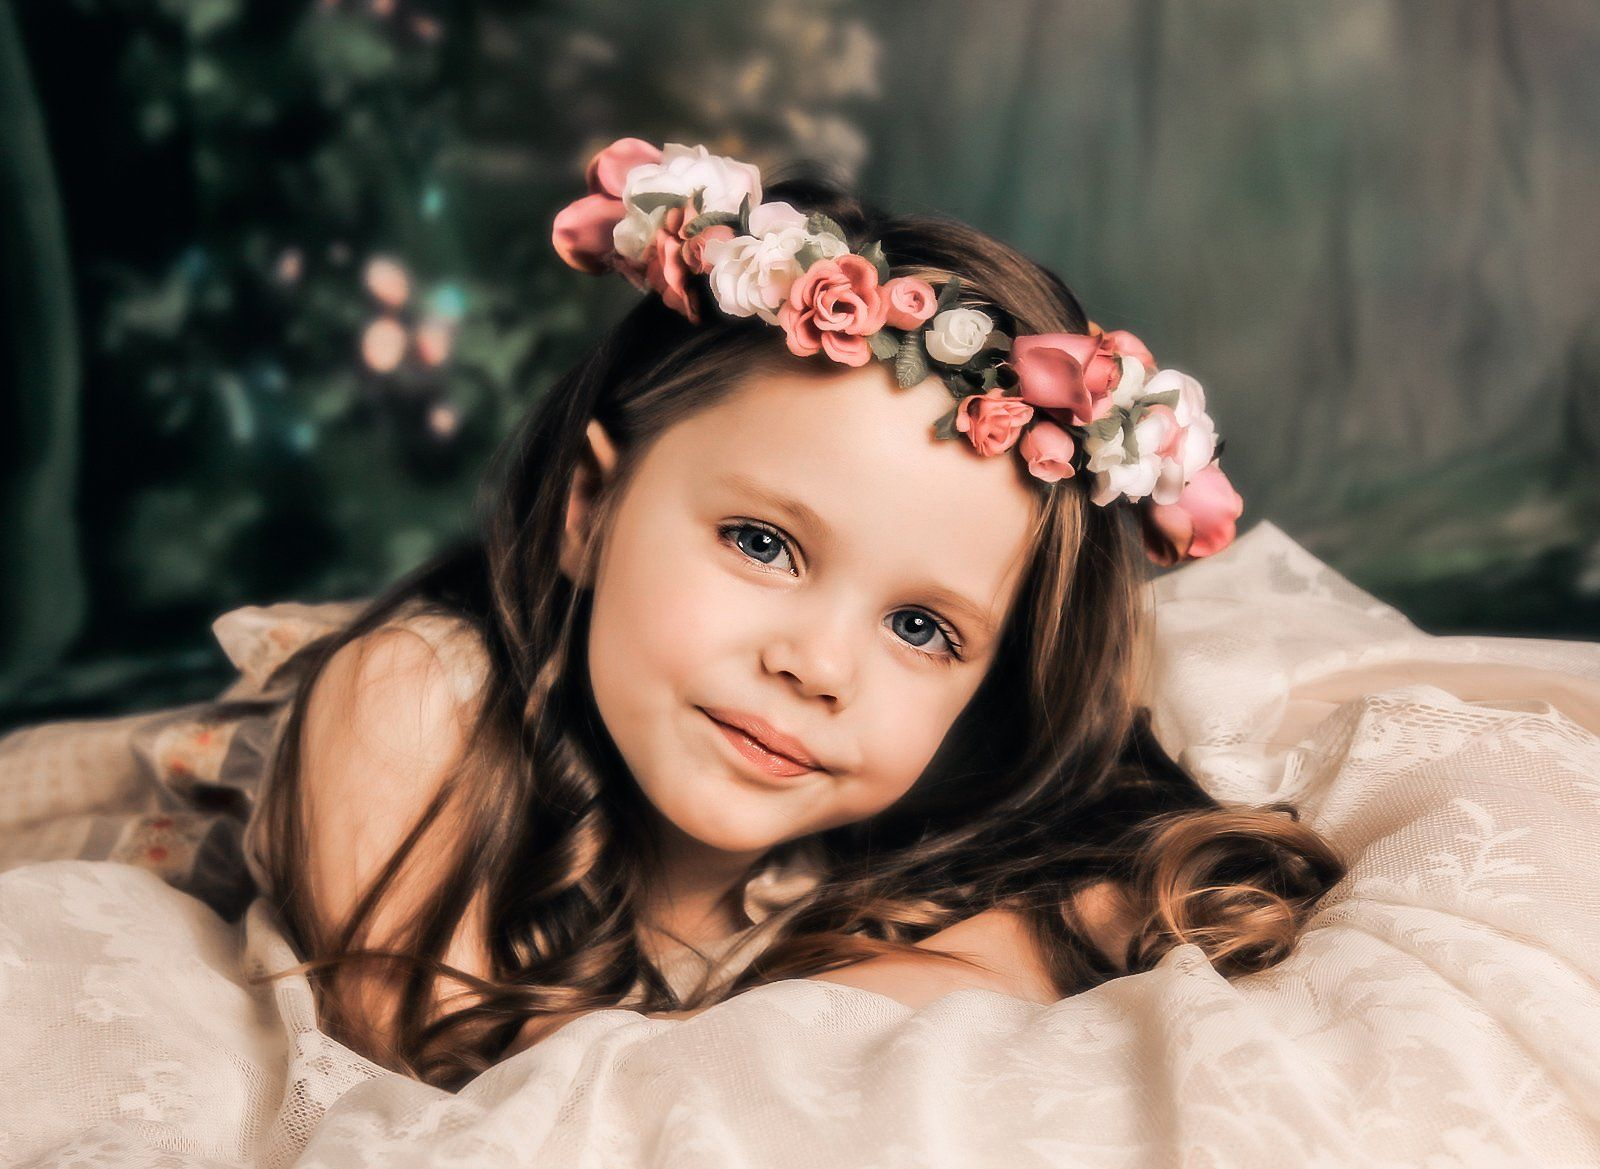 50 Child / Family Lightroom Presets Lightroom presets